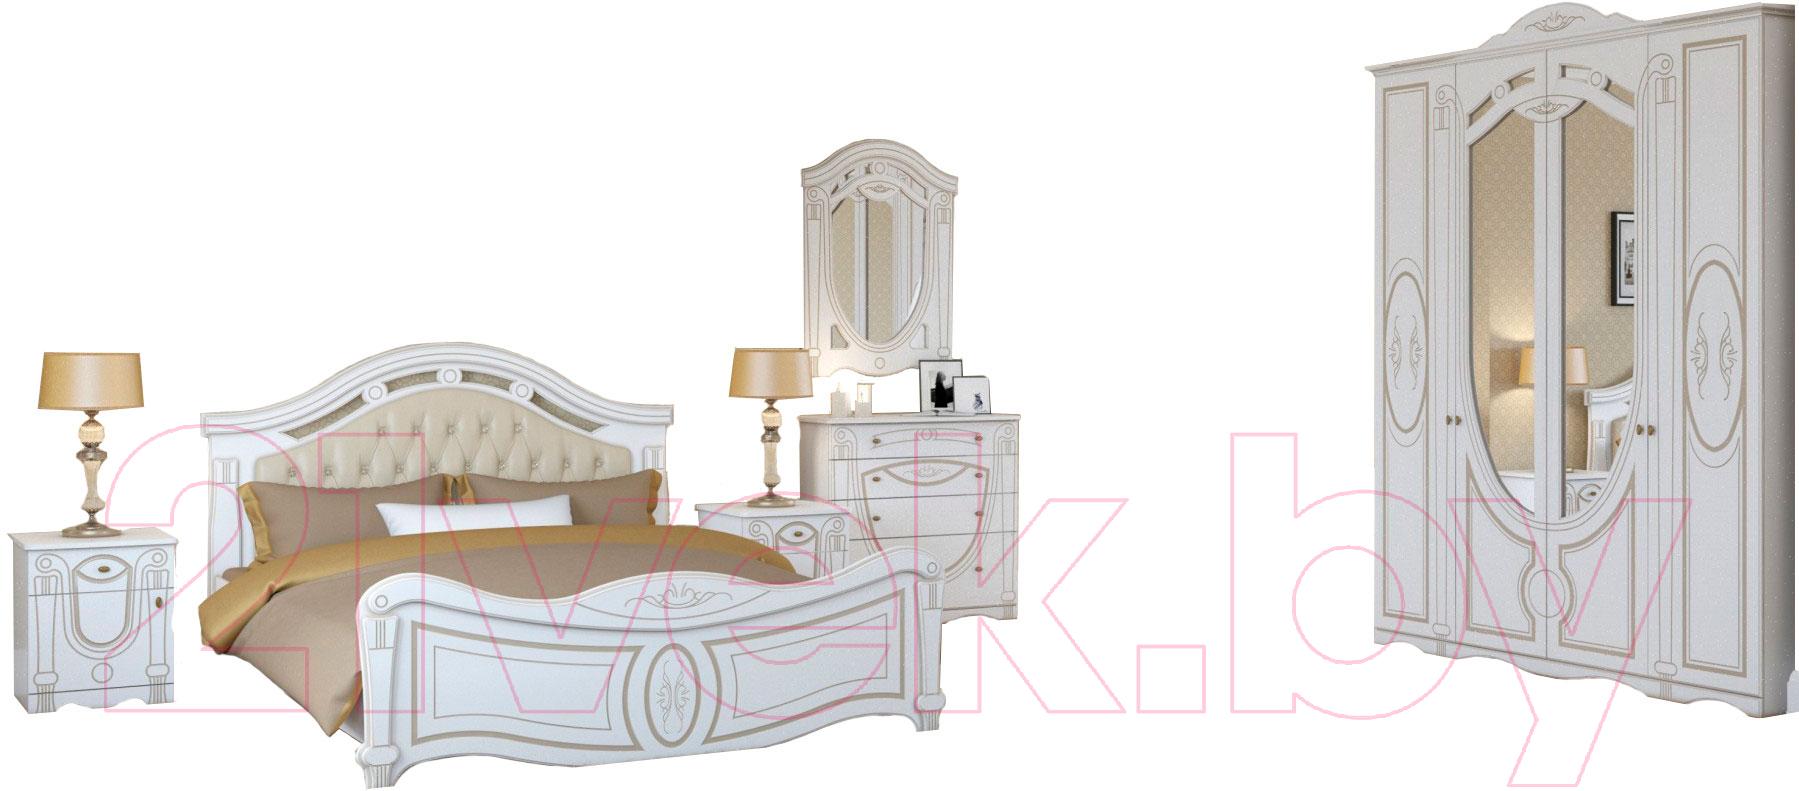 Купить Комплект мебели для спальни Империал, Александрина с ОМ МИ ШК-4 (белый/золото), Россия